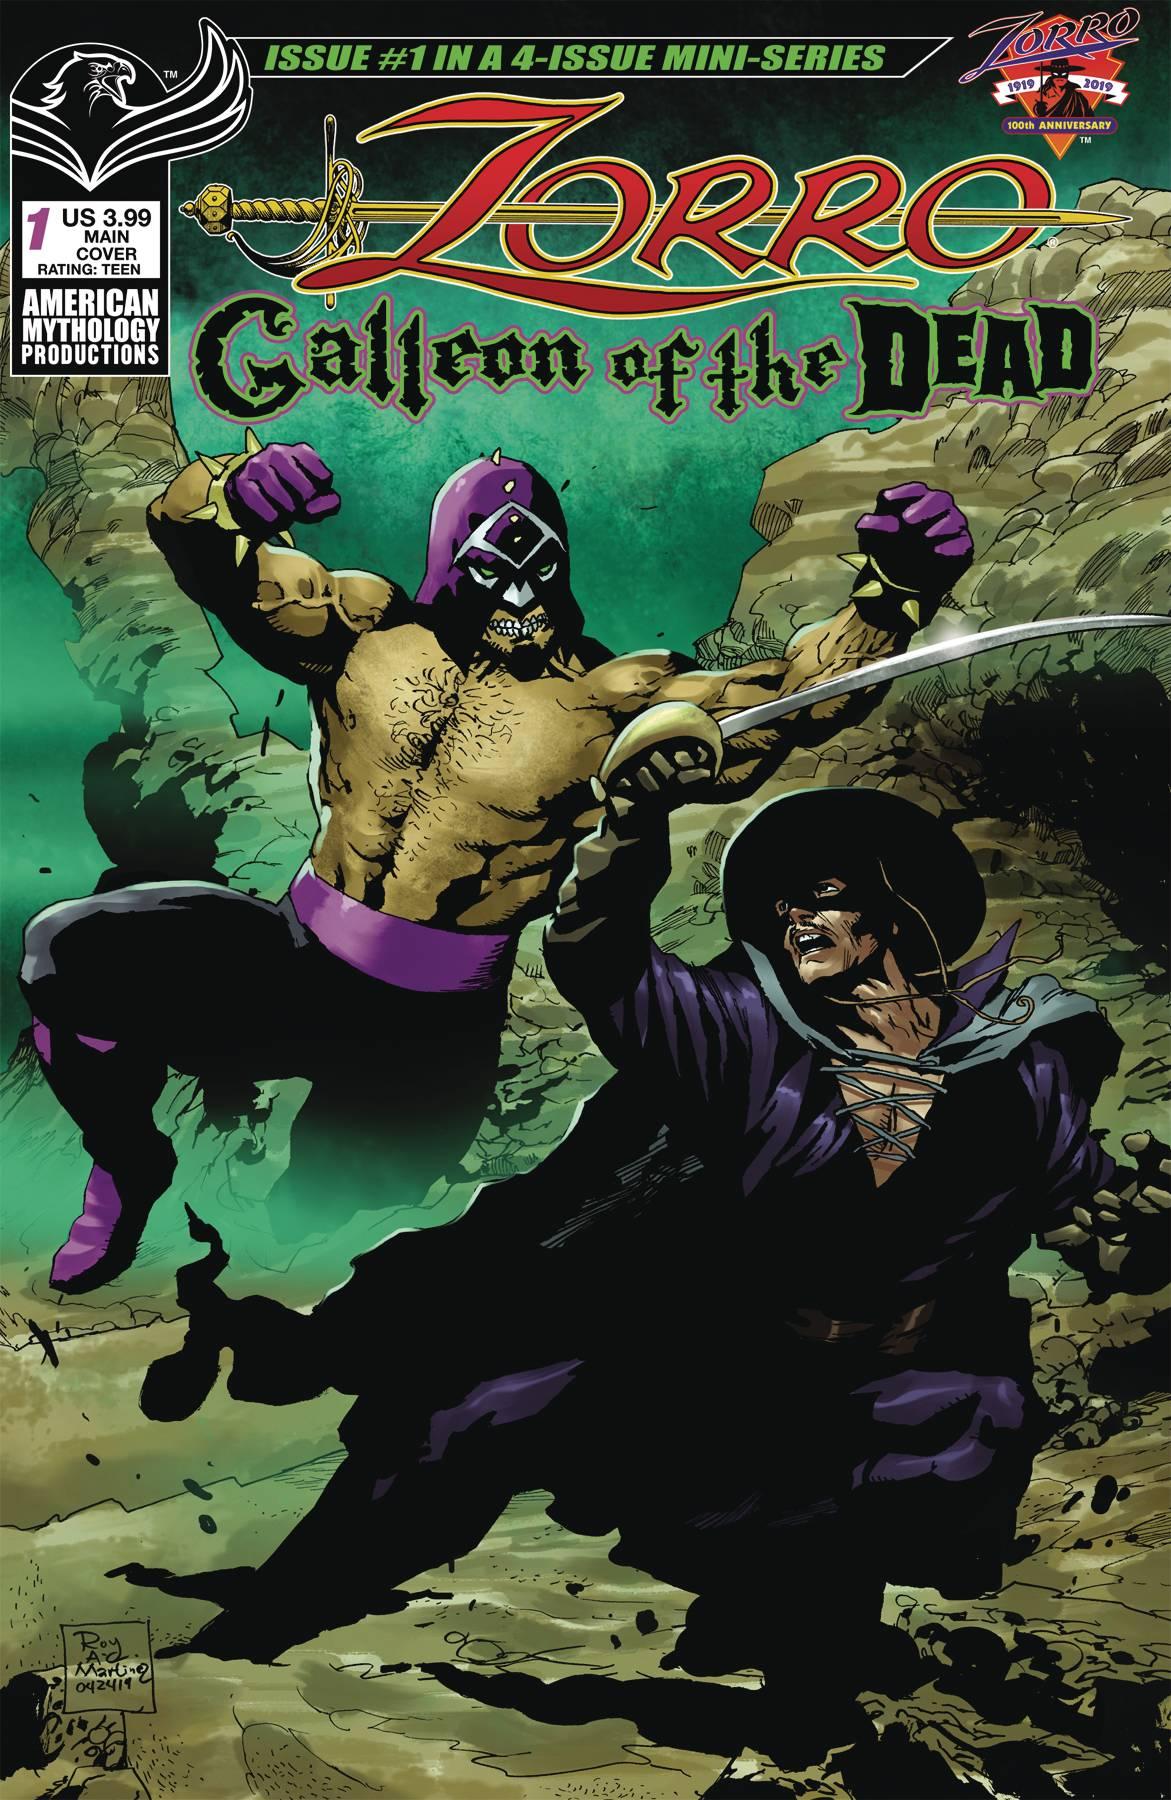 ZORRO GALLEON OF DEAD